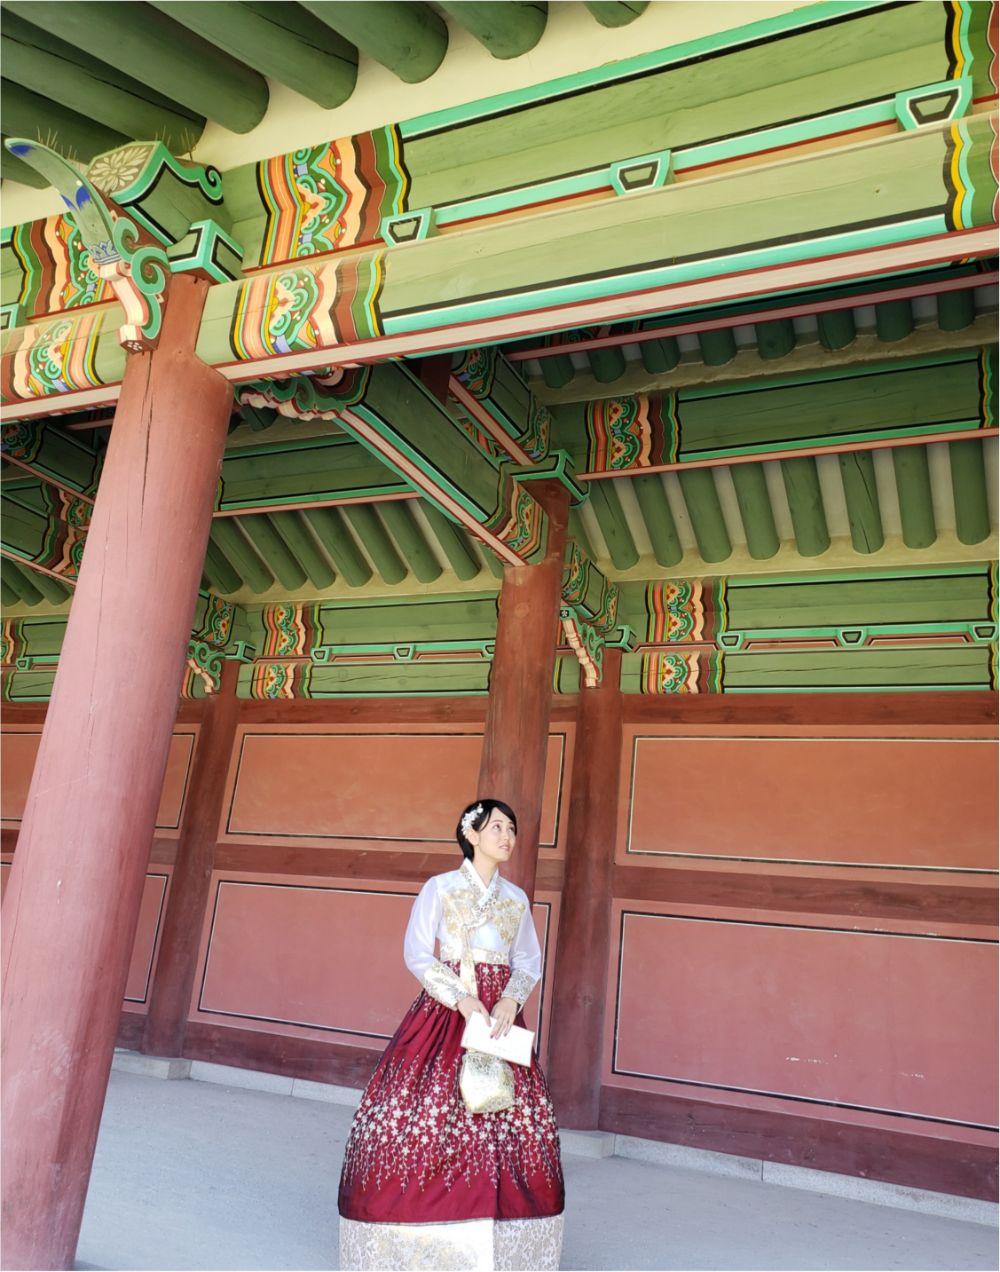 韓国のおすすめ観光スポット特集 - かわいいカフェ、ショップなど韓国女子旅情報!_39